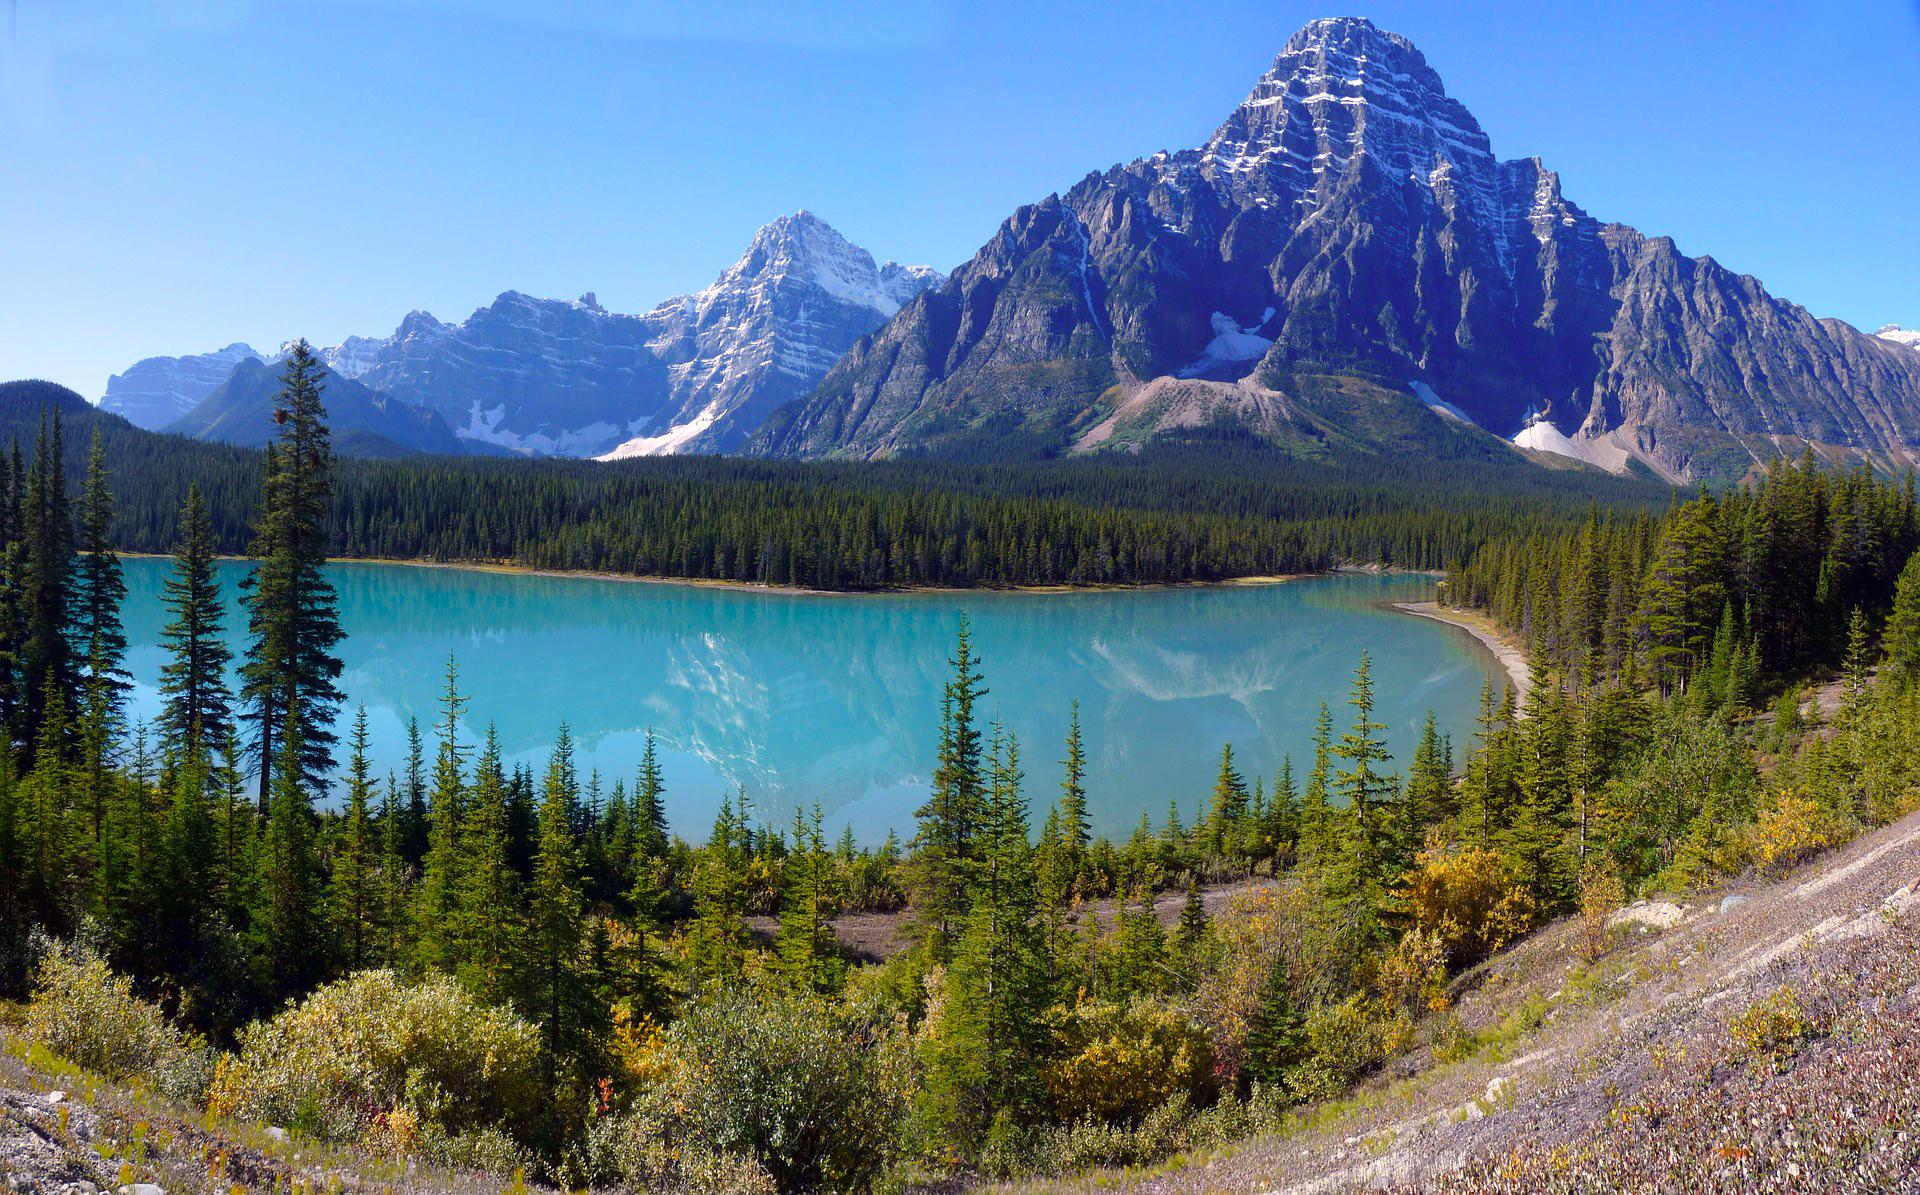 Guía de viajes a Canada, Visa a Canadá, Visado a Canadá canadá - 31977311420 702b6820a1 o - Guía de viajes y visa para Canadá